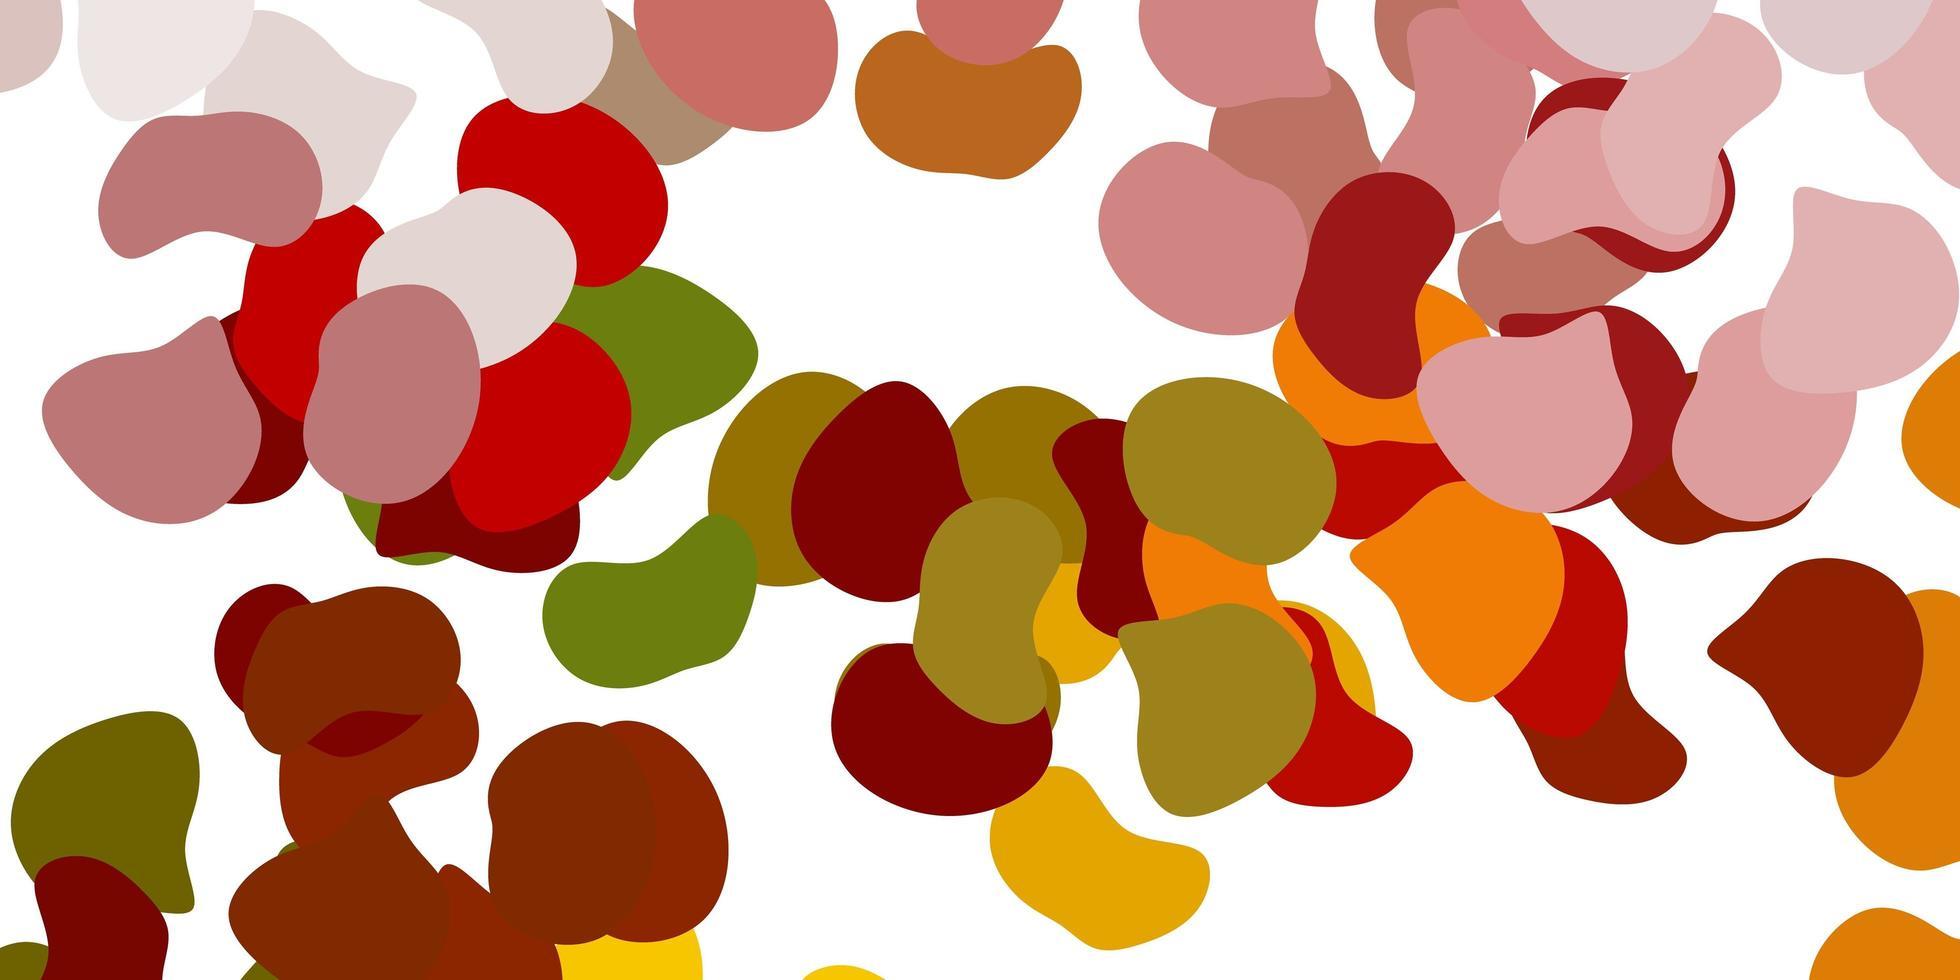 lichtgroen, geel vectorpatroon met abstracte vormen vector